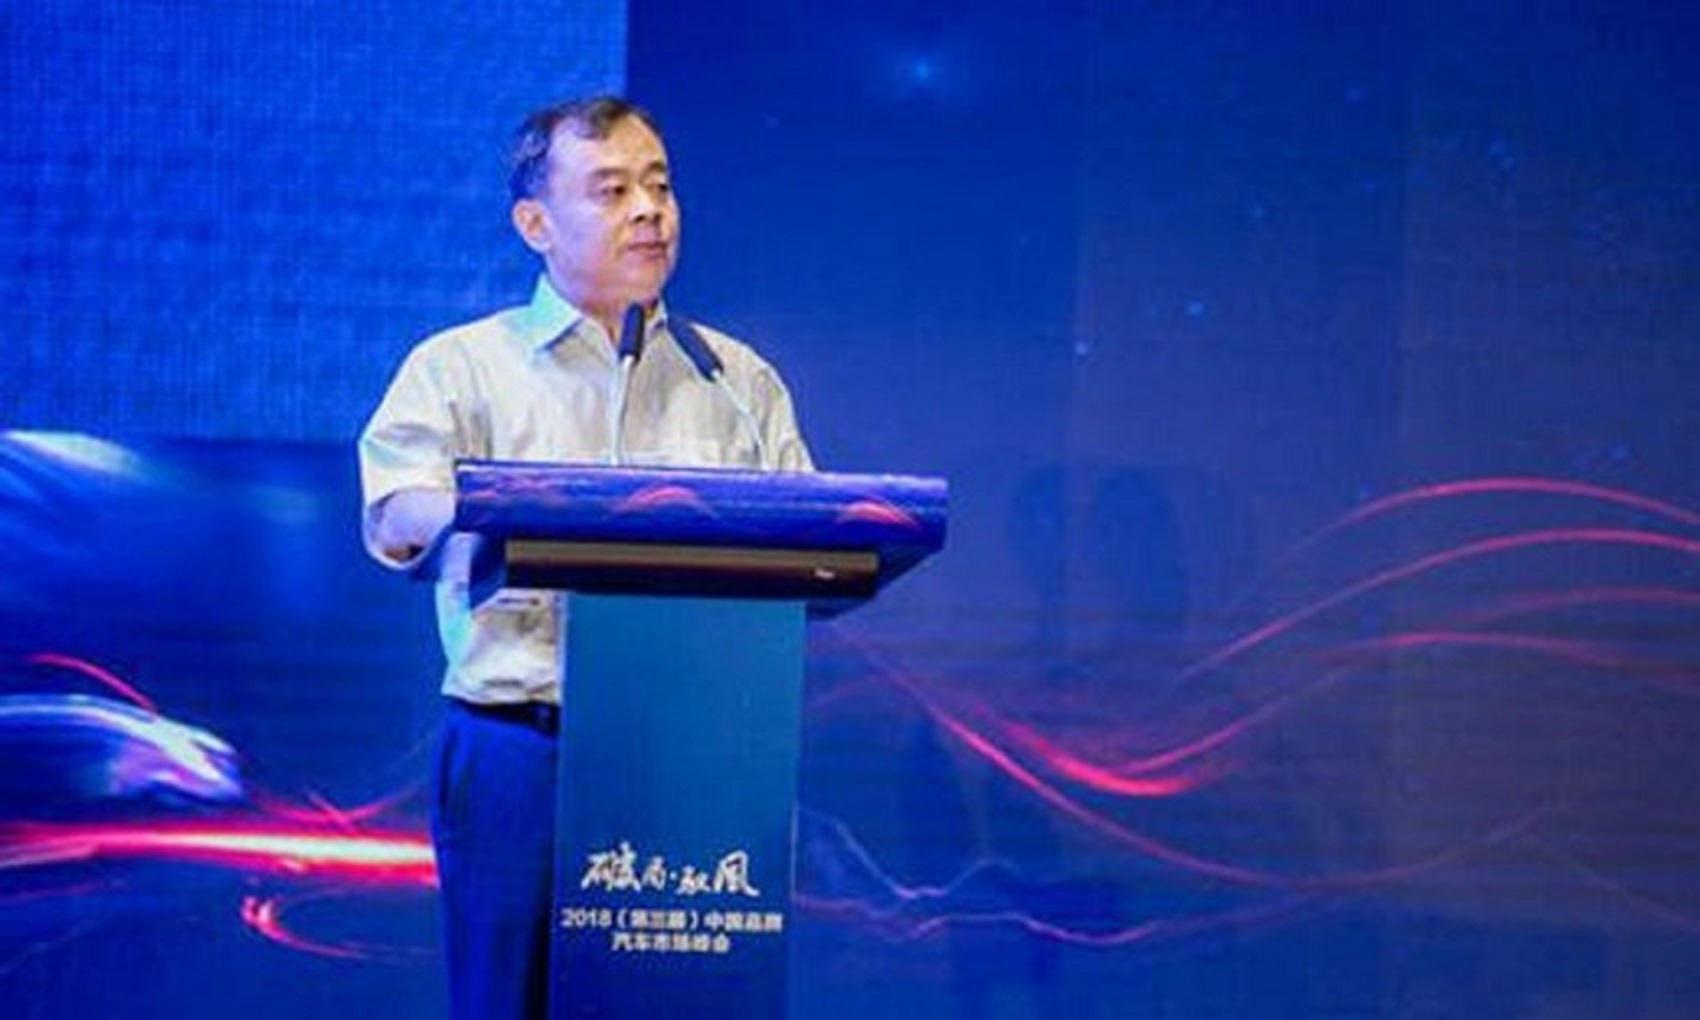 中国品牌SUV红利将过 车市或呈现更多不确定性